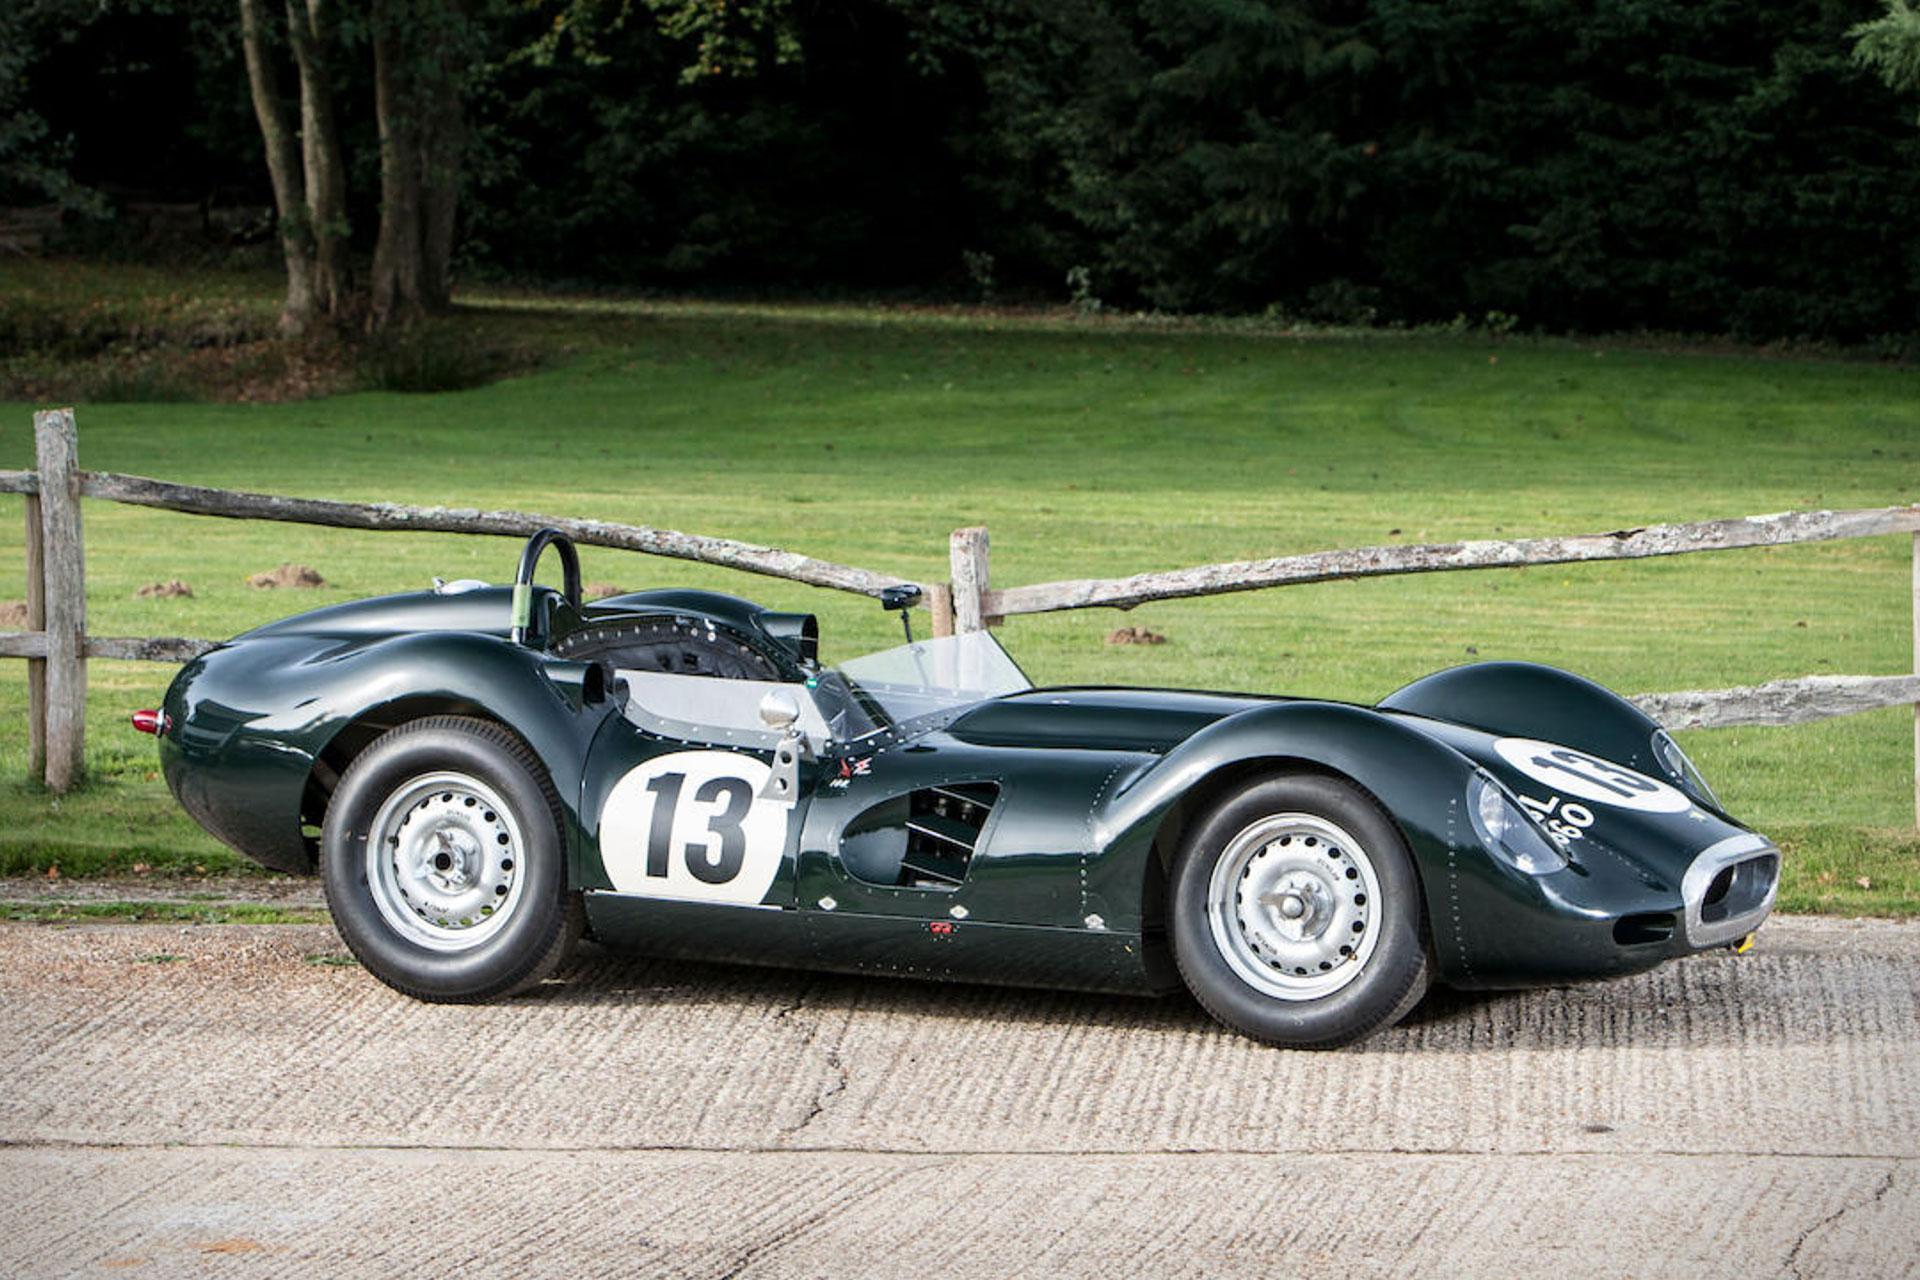 1959 Lister Jaguar Knobbly Race Car Uncrate